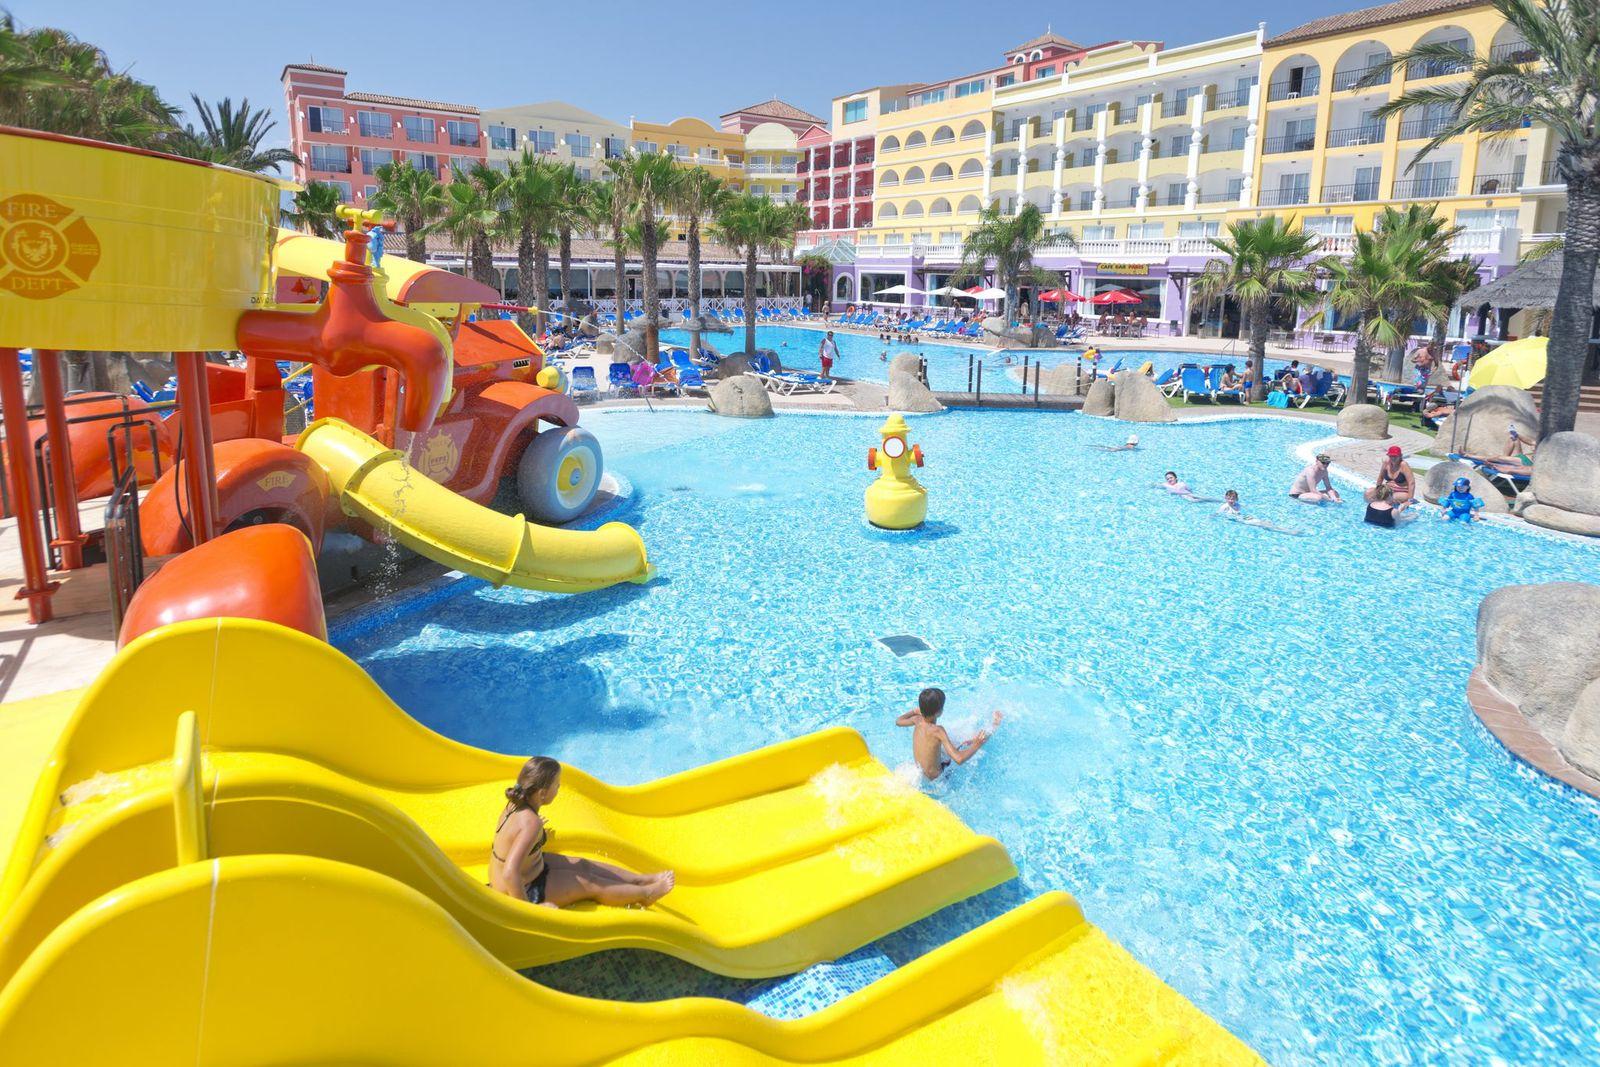 Hoteles para ni os hoteles para ir con ni os de vacaciones superchulos - Hotel piscina toboganes para ninos ...